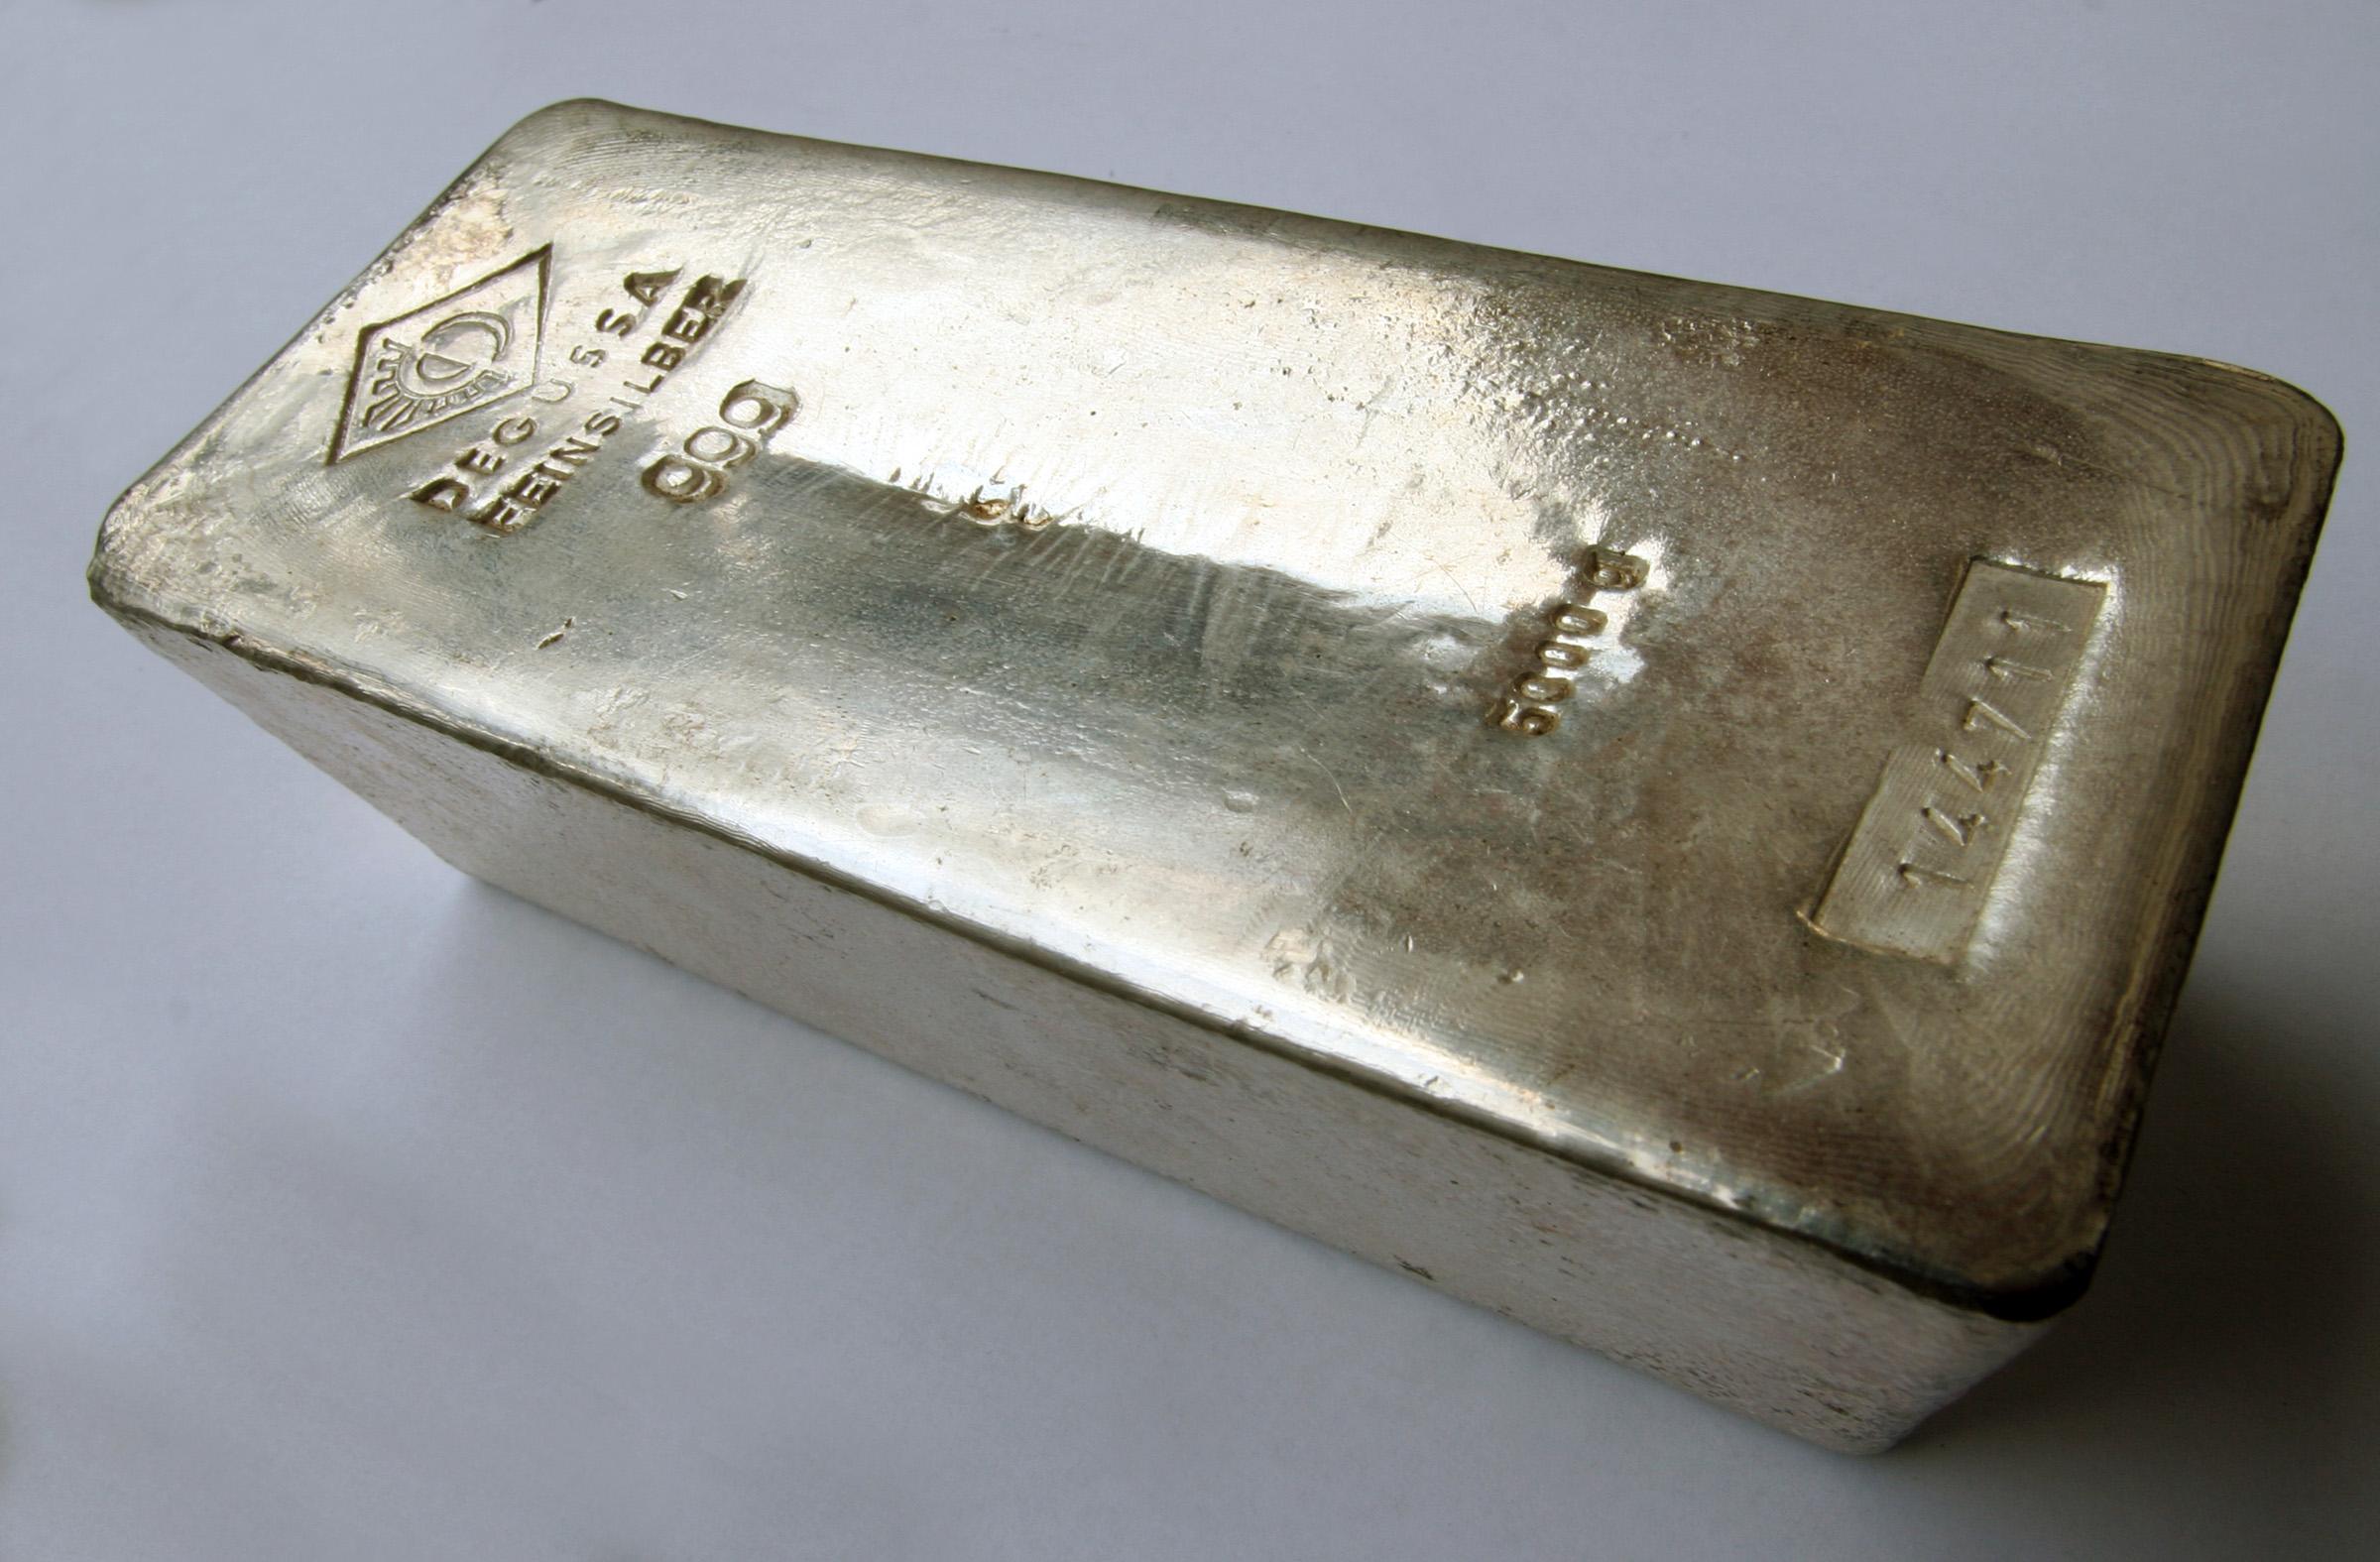 Argintul a ajuns la cea mai ridicată valoare din ultimii opt ani, pe fondul interesului investitorilor de retail